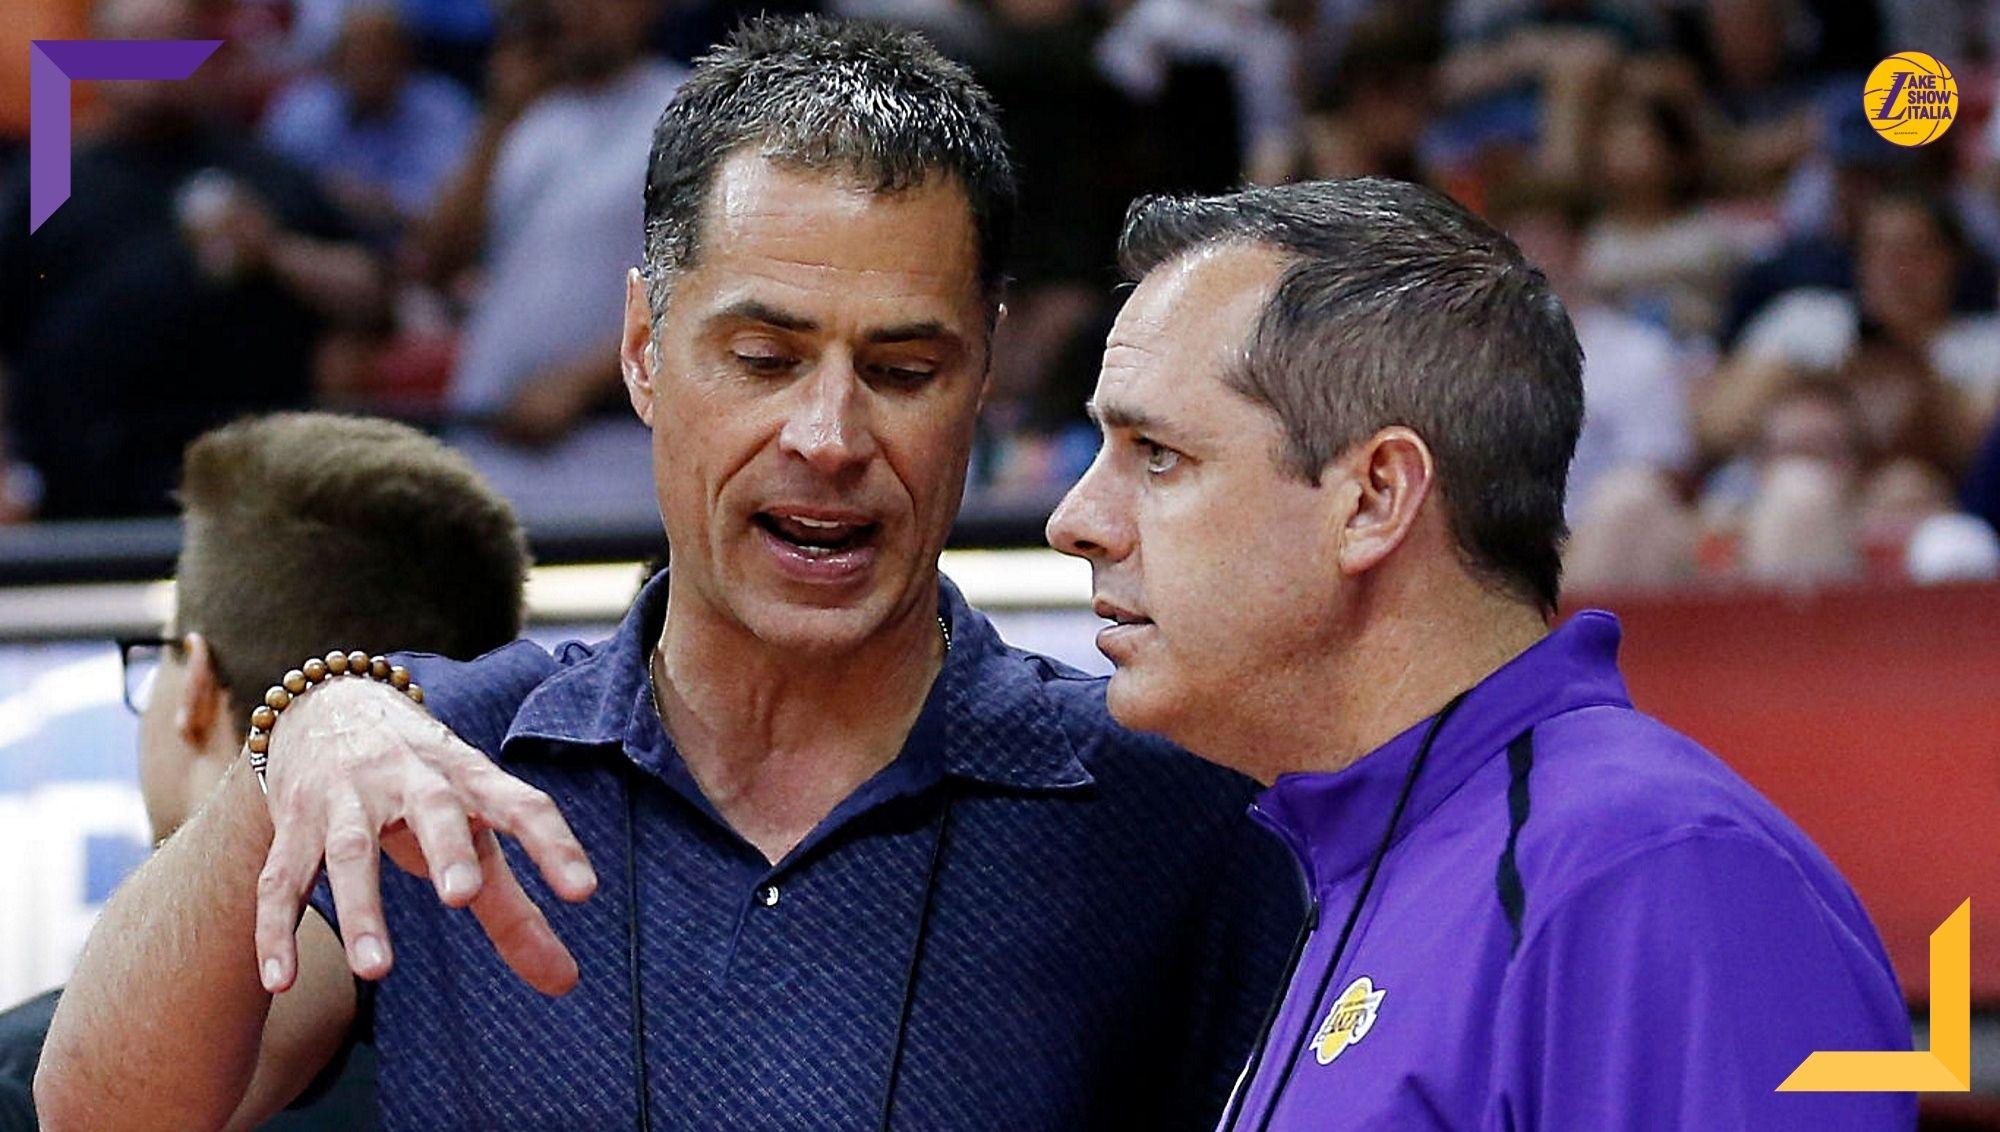 Dopo un anno di assenza torna la Summer League di Las Vegas. Presenti i Los Angeles Lakers, che disputeranno almeno quattro gare ad Agosto.